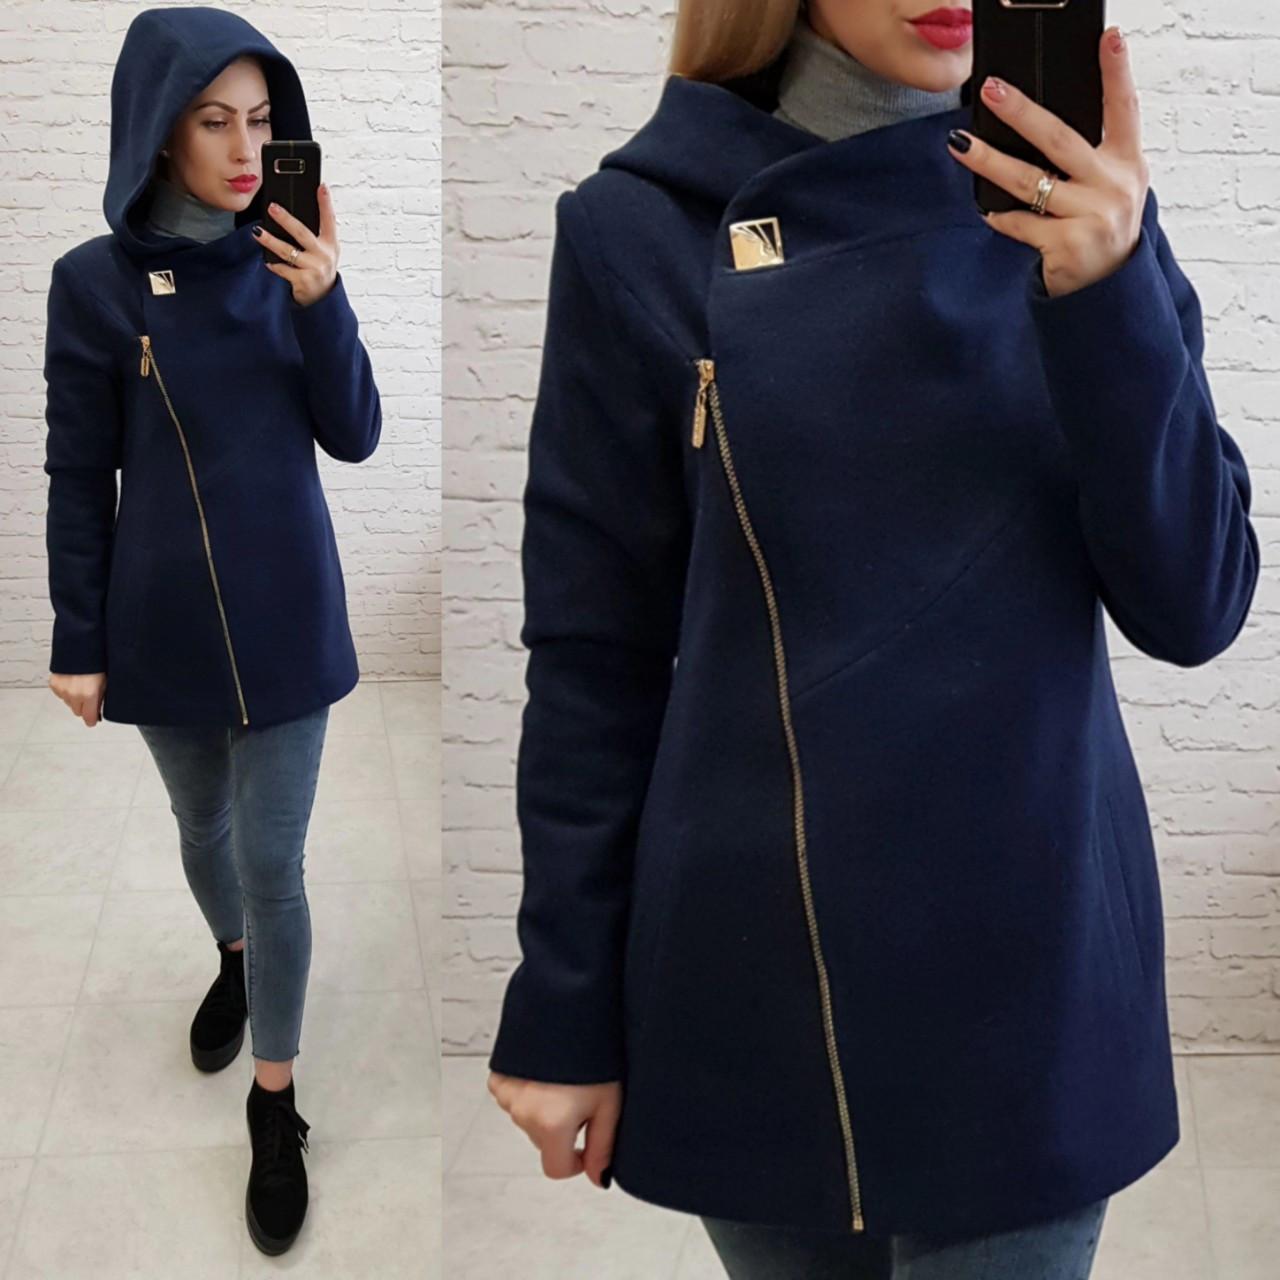 Пальто кашемировое с капюшоном, модель 156, цвет - темно синий